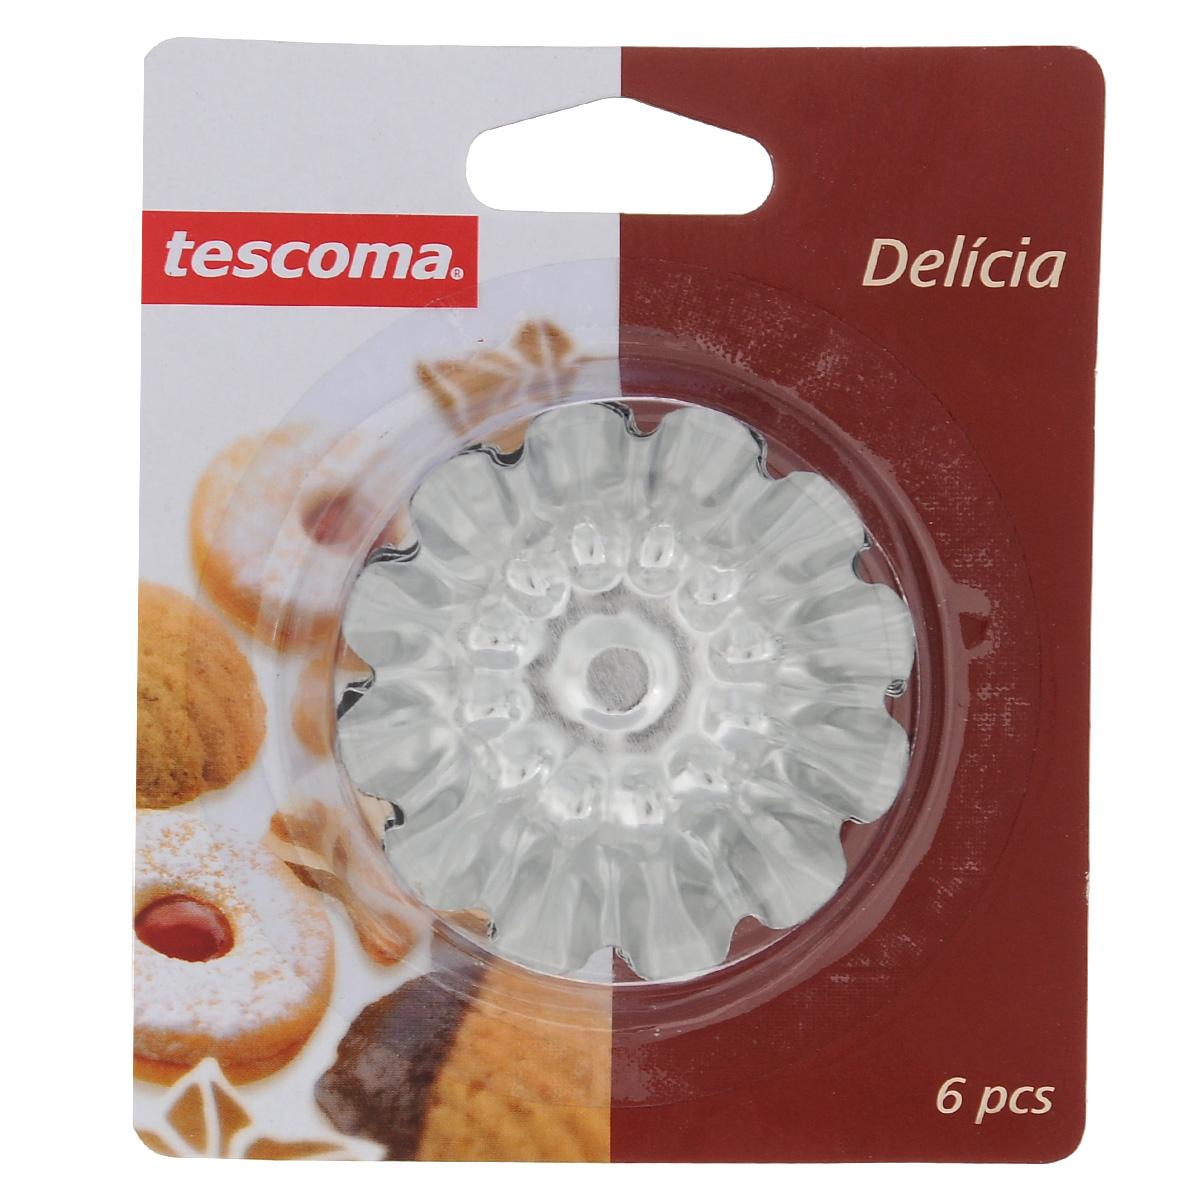 Набор форм для выпечки Tescoma Delicia, с антипригарным покрытием, диаметр 7 см, 6 штFS-91909Набор Tescoma Delicia состоит из 6 круглых форм с волнистыми рельефными краями для выпечки кексов. Изделия выполнены из нержавеющей стали с антипригарным покрытием, которое предотвращает прилипание пищи. Это позволит легко извлечь выпечку из формы, просто перевернув ее. Формы замечательно подходят для приготовления кексов, сладкого, соленого печенья и других десертов. После использования вымойте и вытрите формы.Нельзя использовать в посудомоечной машине.Диаметр по верхнему краю: 7 см.